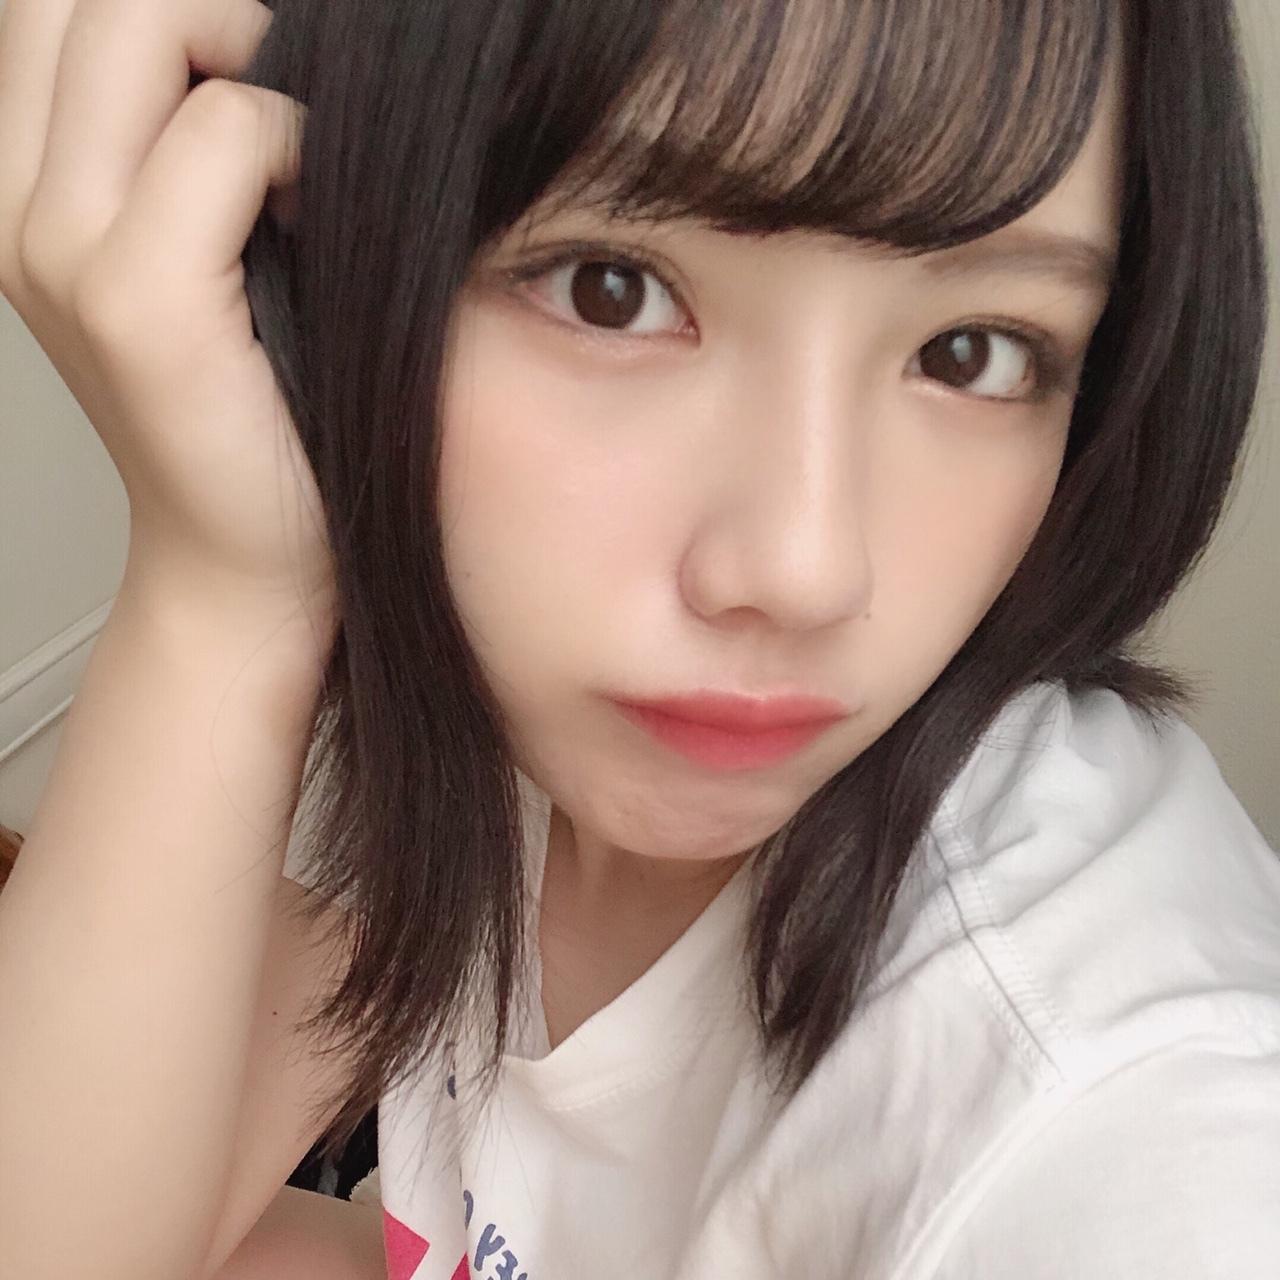 日向坂46メンバーブログまとめ2019年6月20日